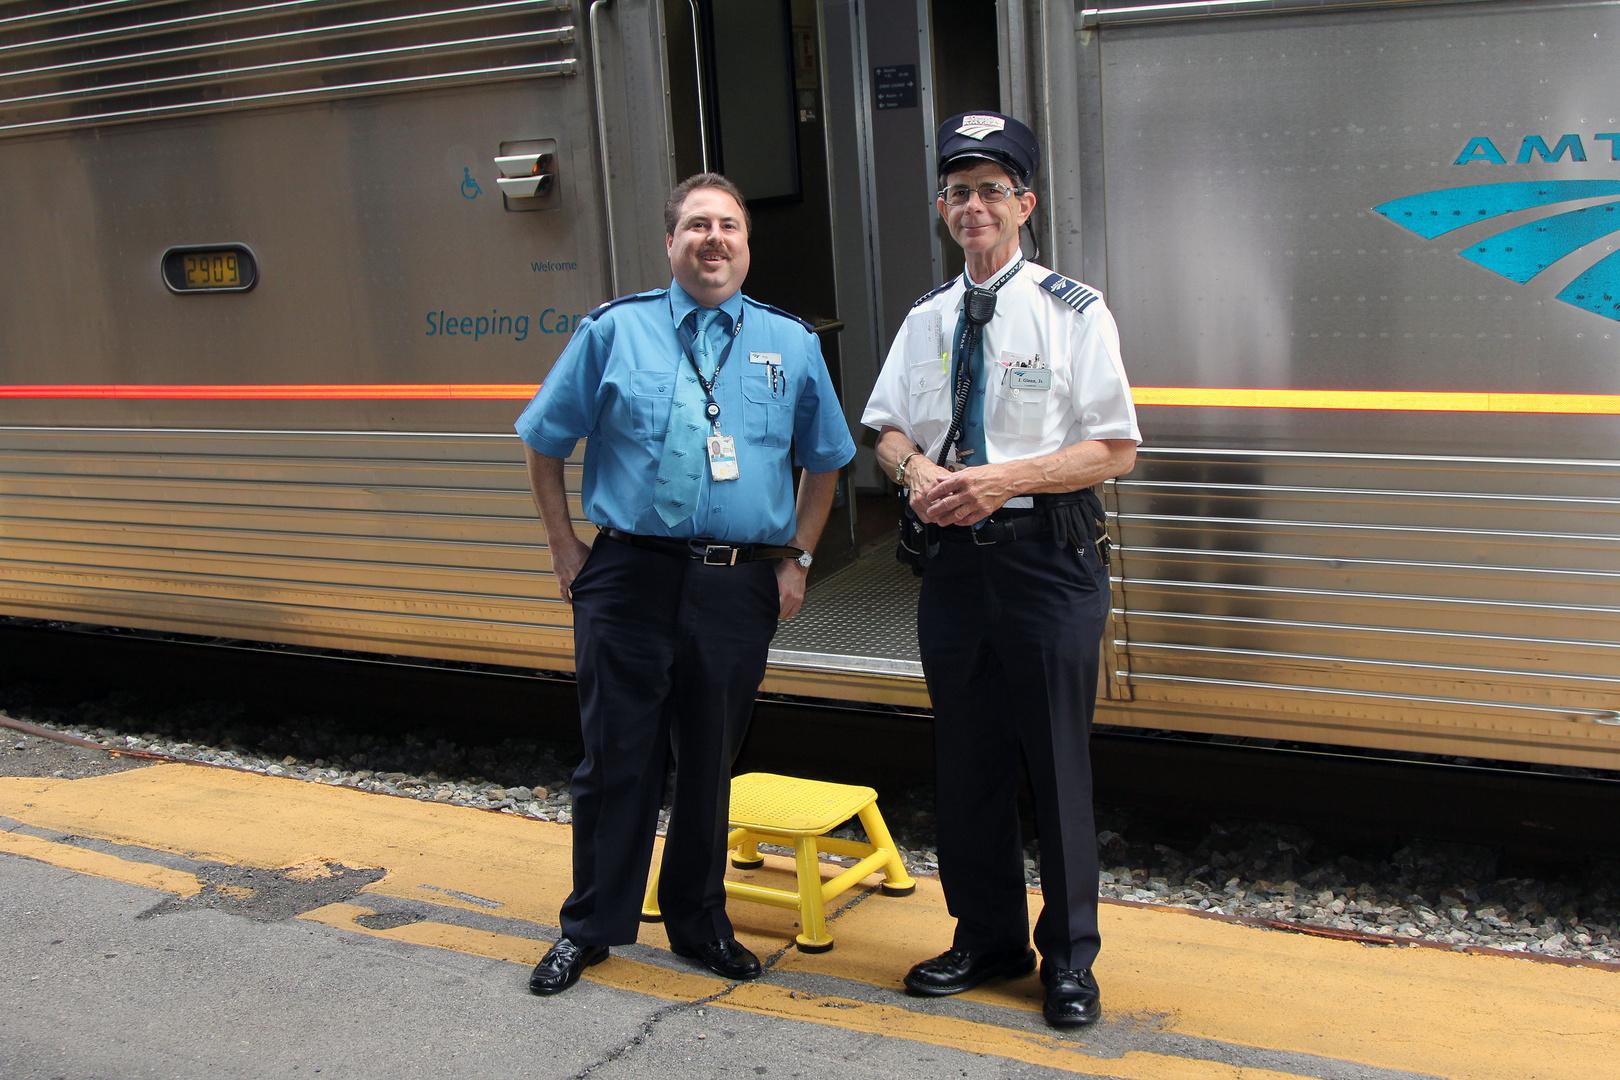 Begleitpersonal in Uniform der Amtrak RR, Harpers Ferry,West Virginia, USA